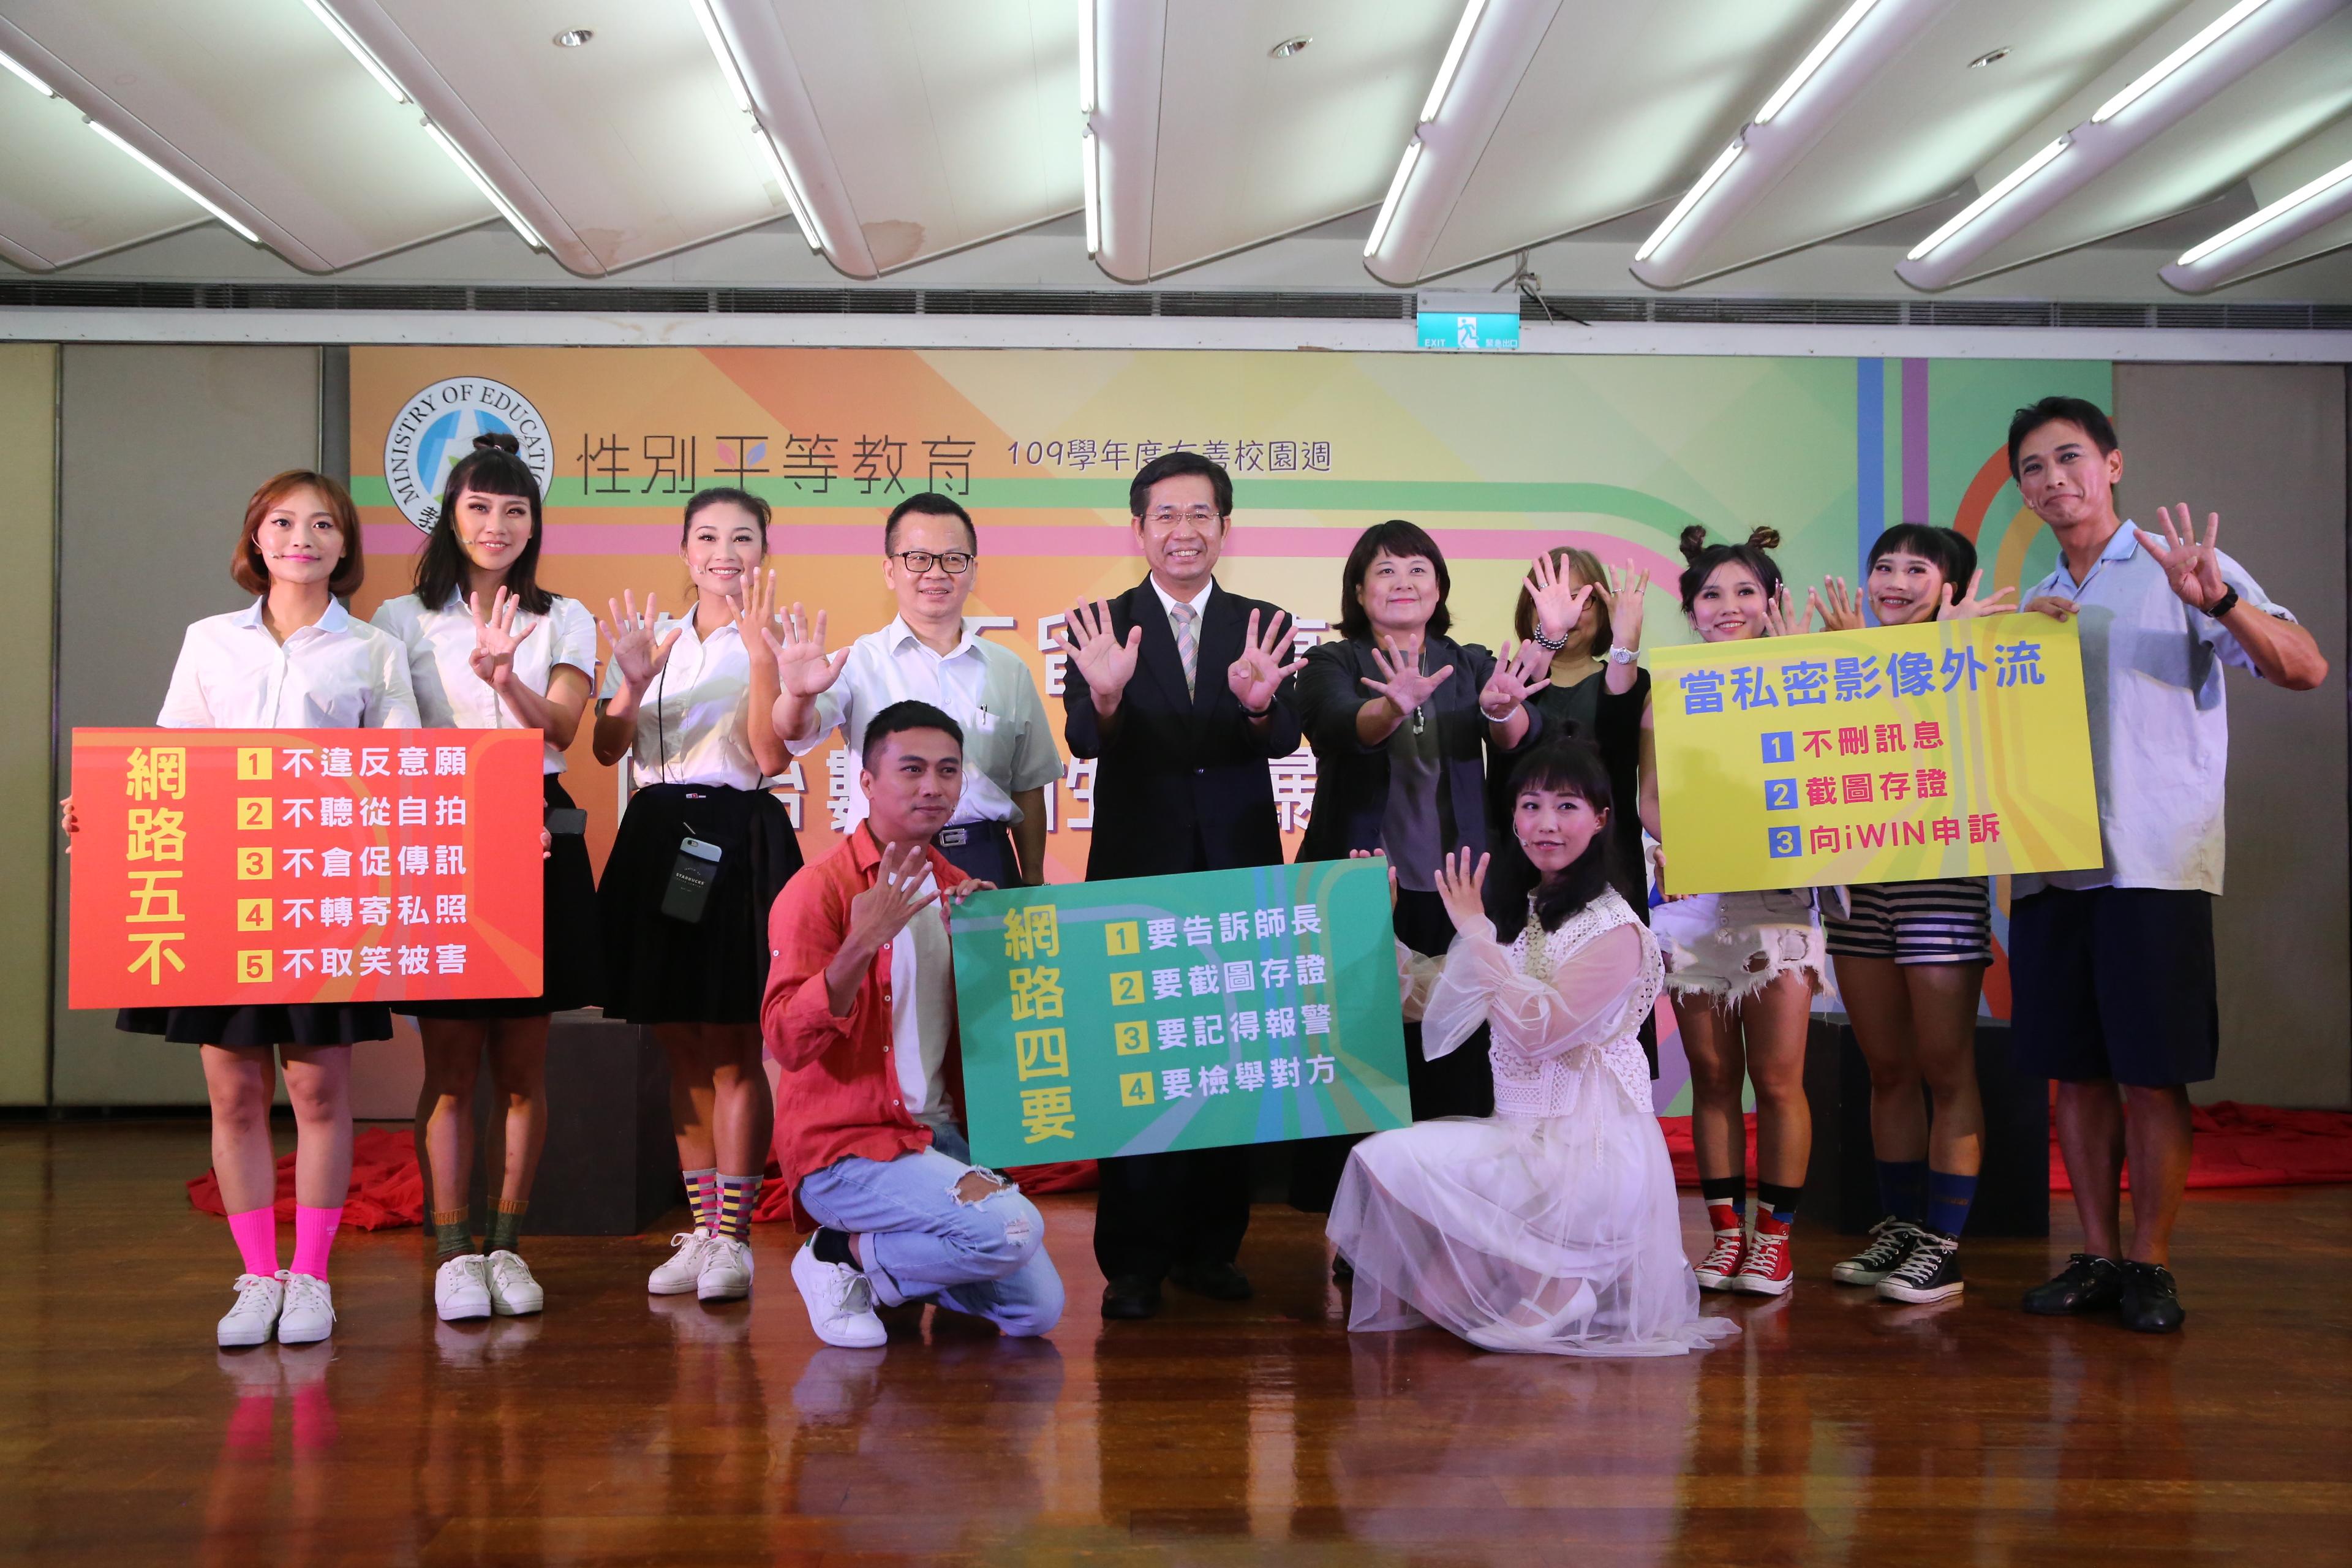 「109學年度友善校園週—防治數位性別暴力」宣示留影_大圖